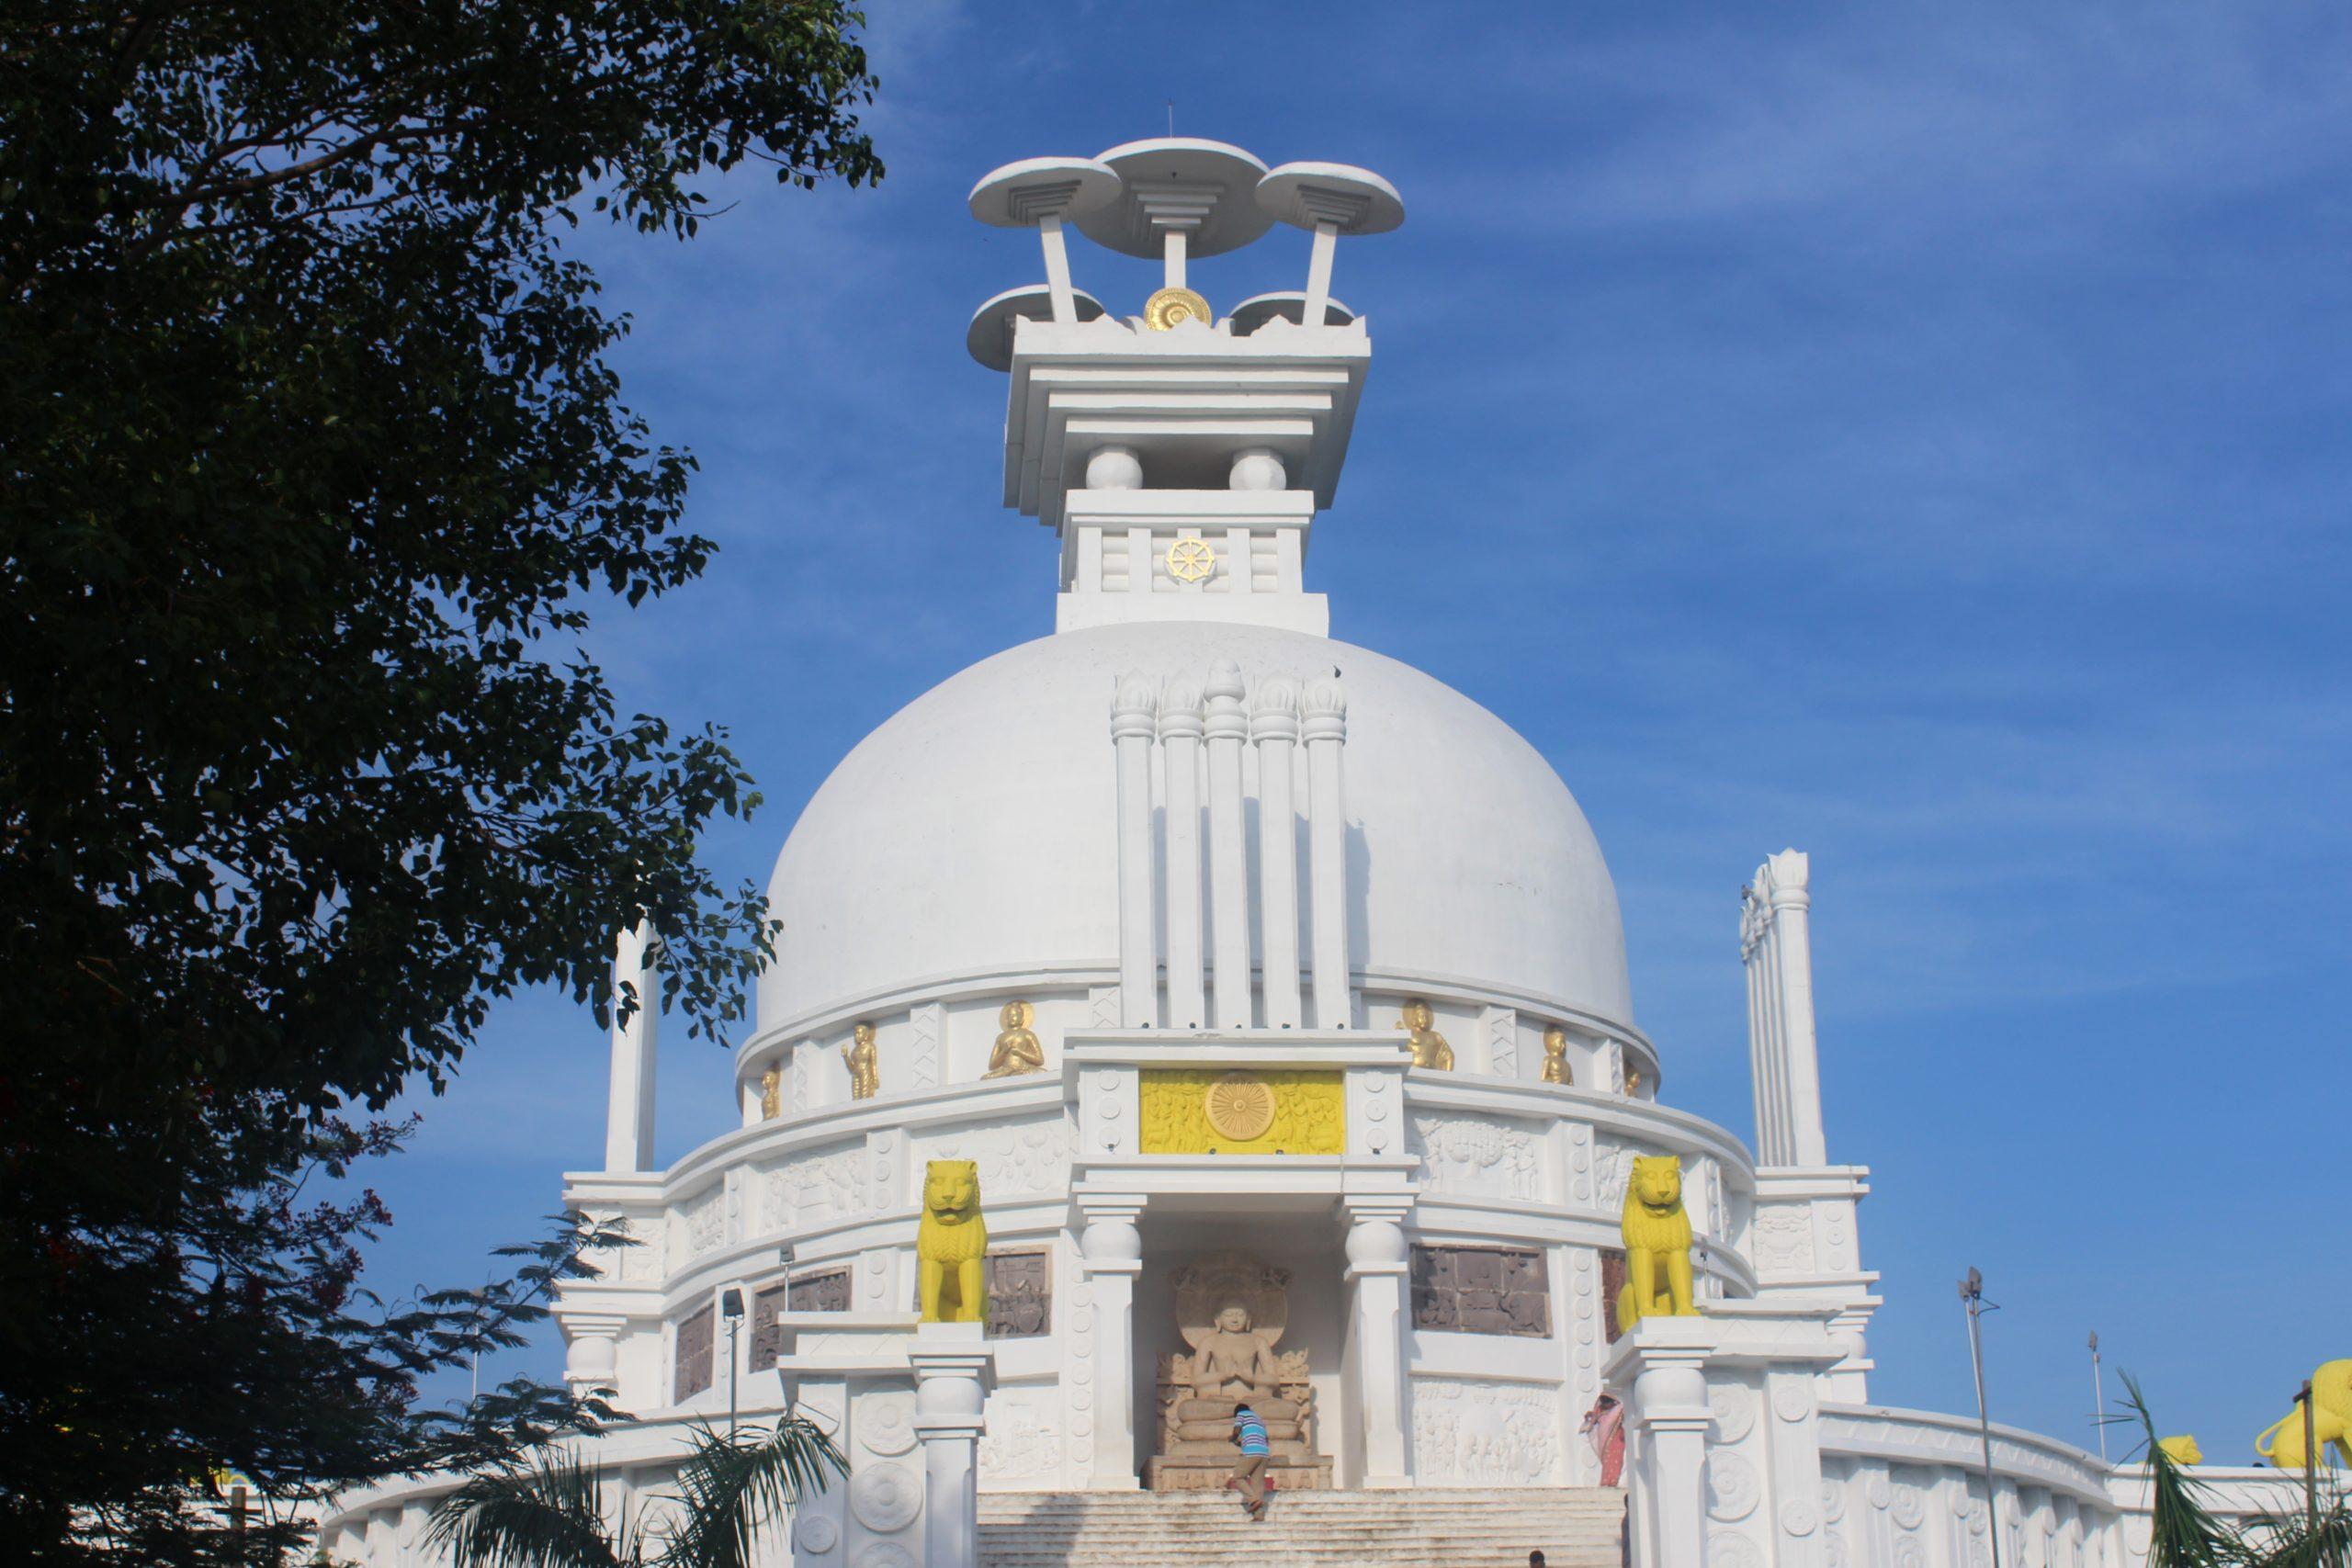 Dhaulagiri Shanti Stupa - Most Popular Place To Visit In Bhubaneswar